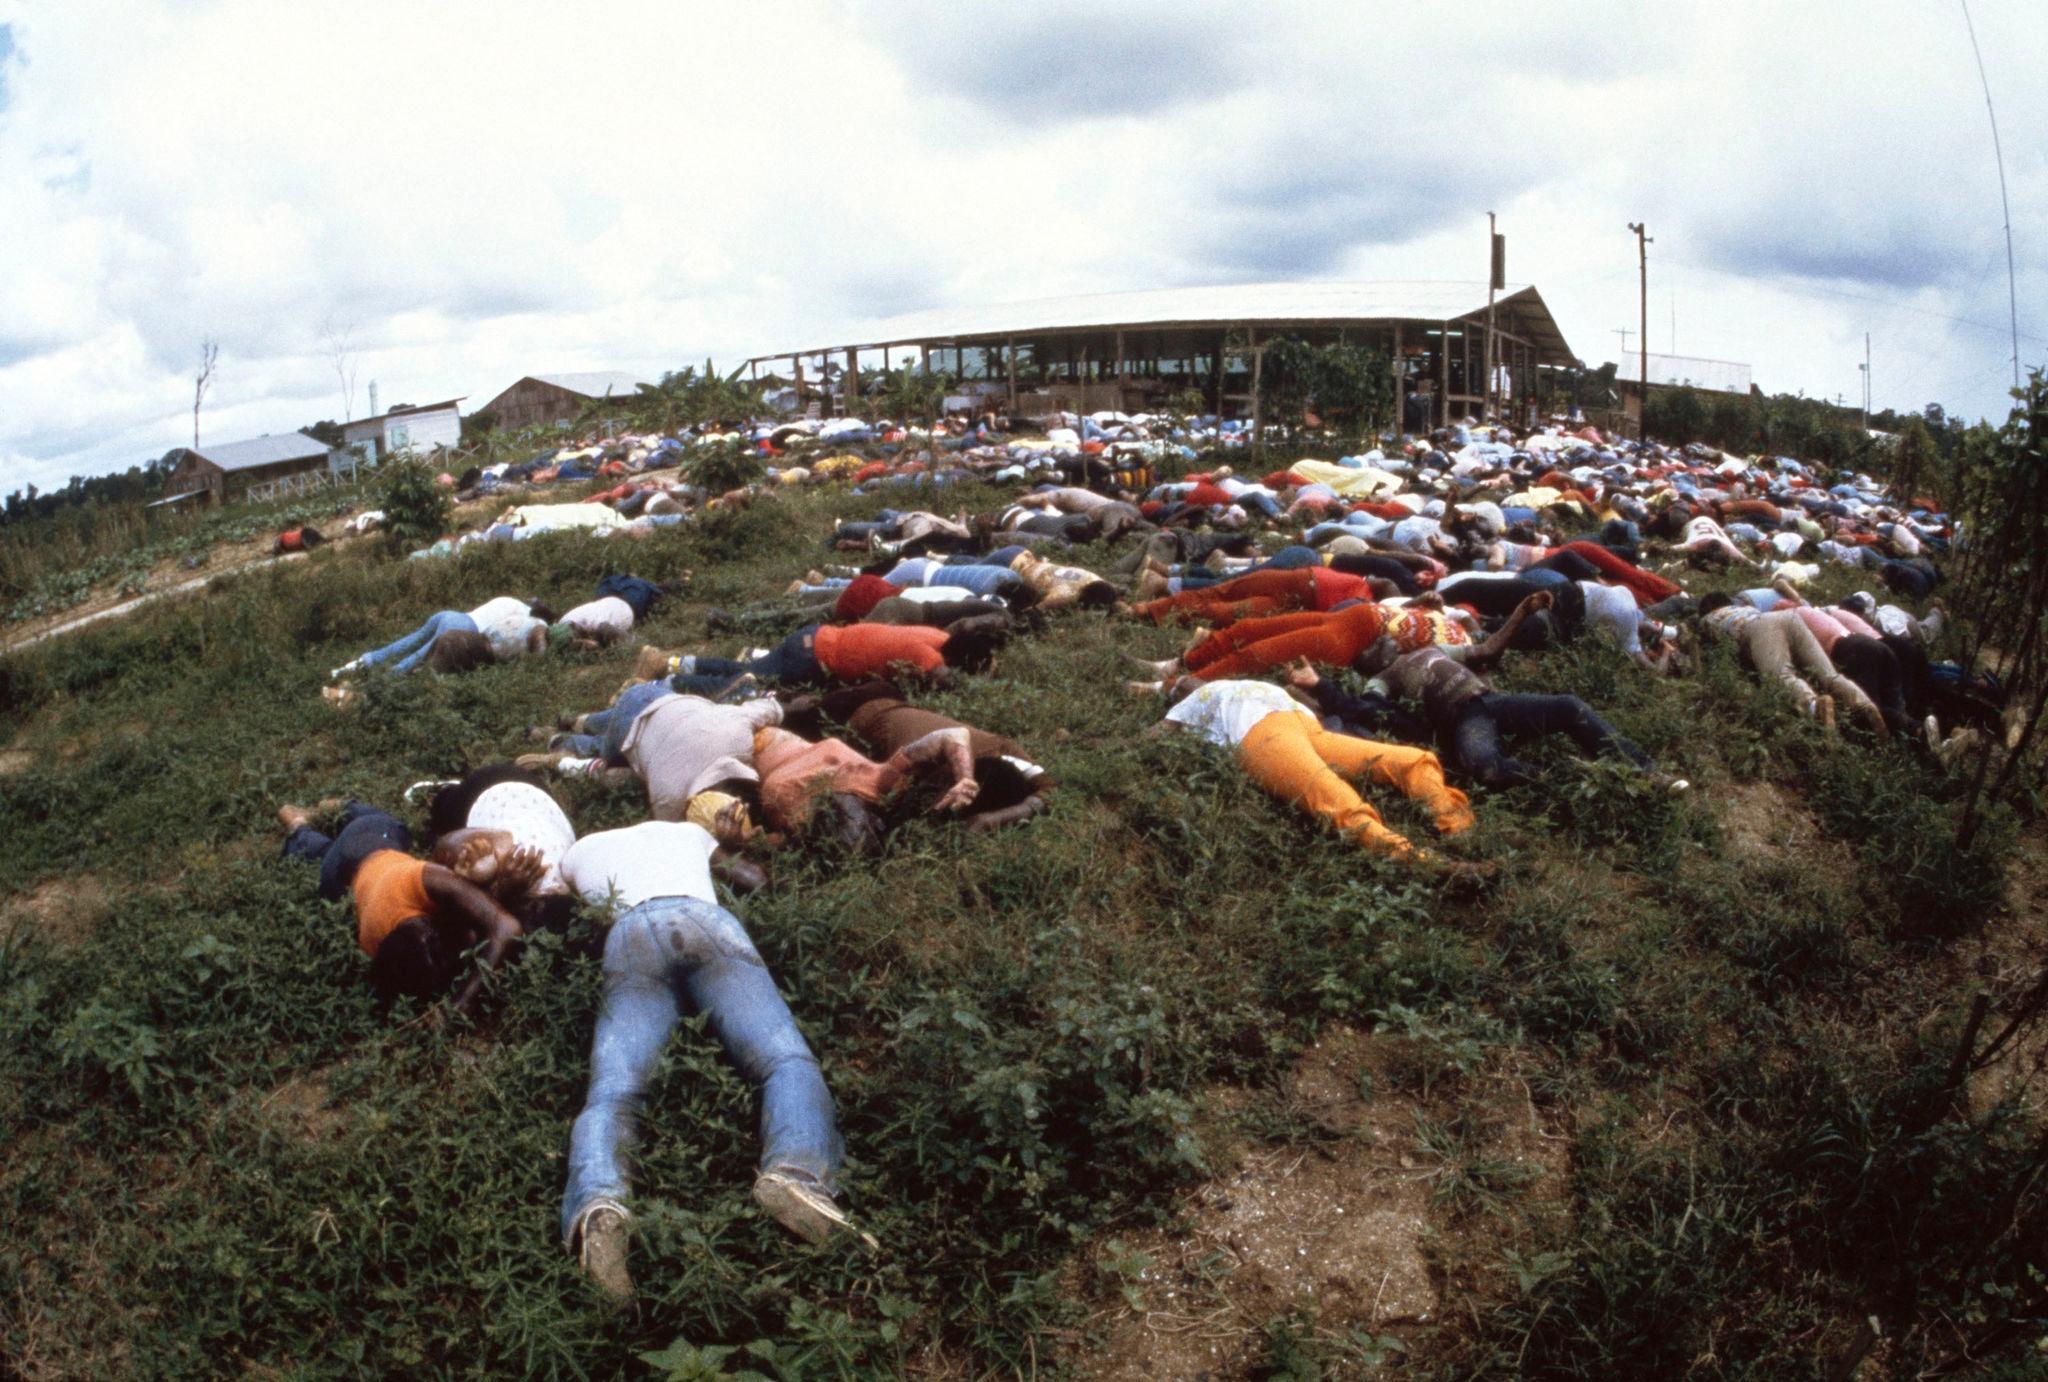 1978. Мертвые тела лежат возле комплекса культа Народного храма 18 ноября 1978 года в Джонстауне.jpg